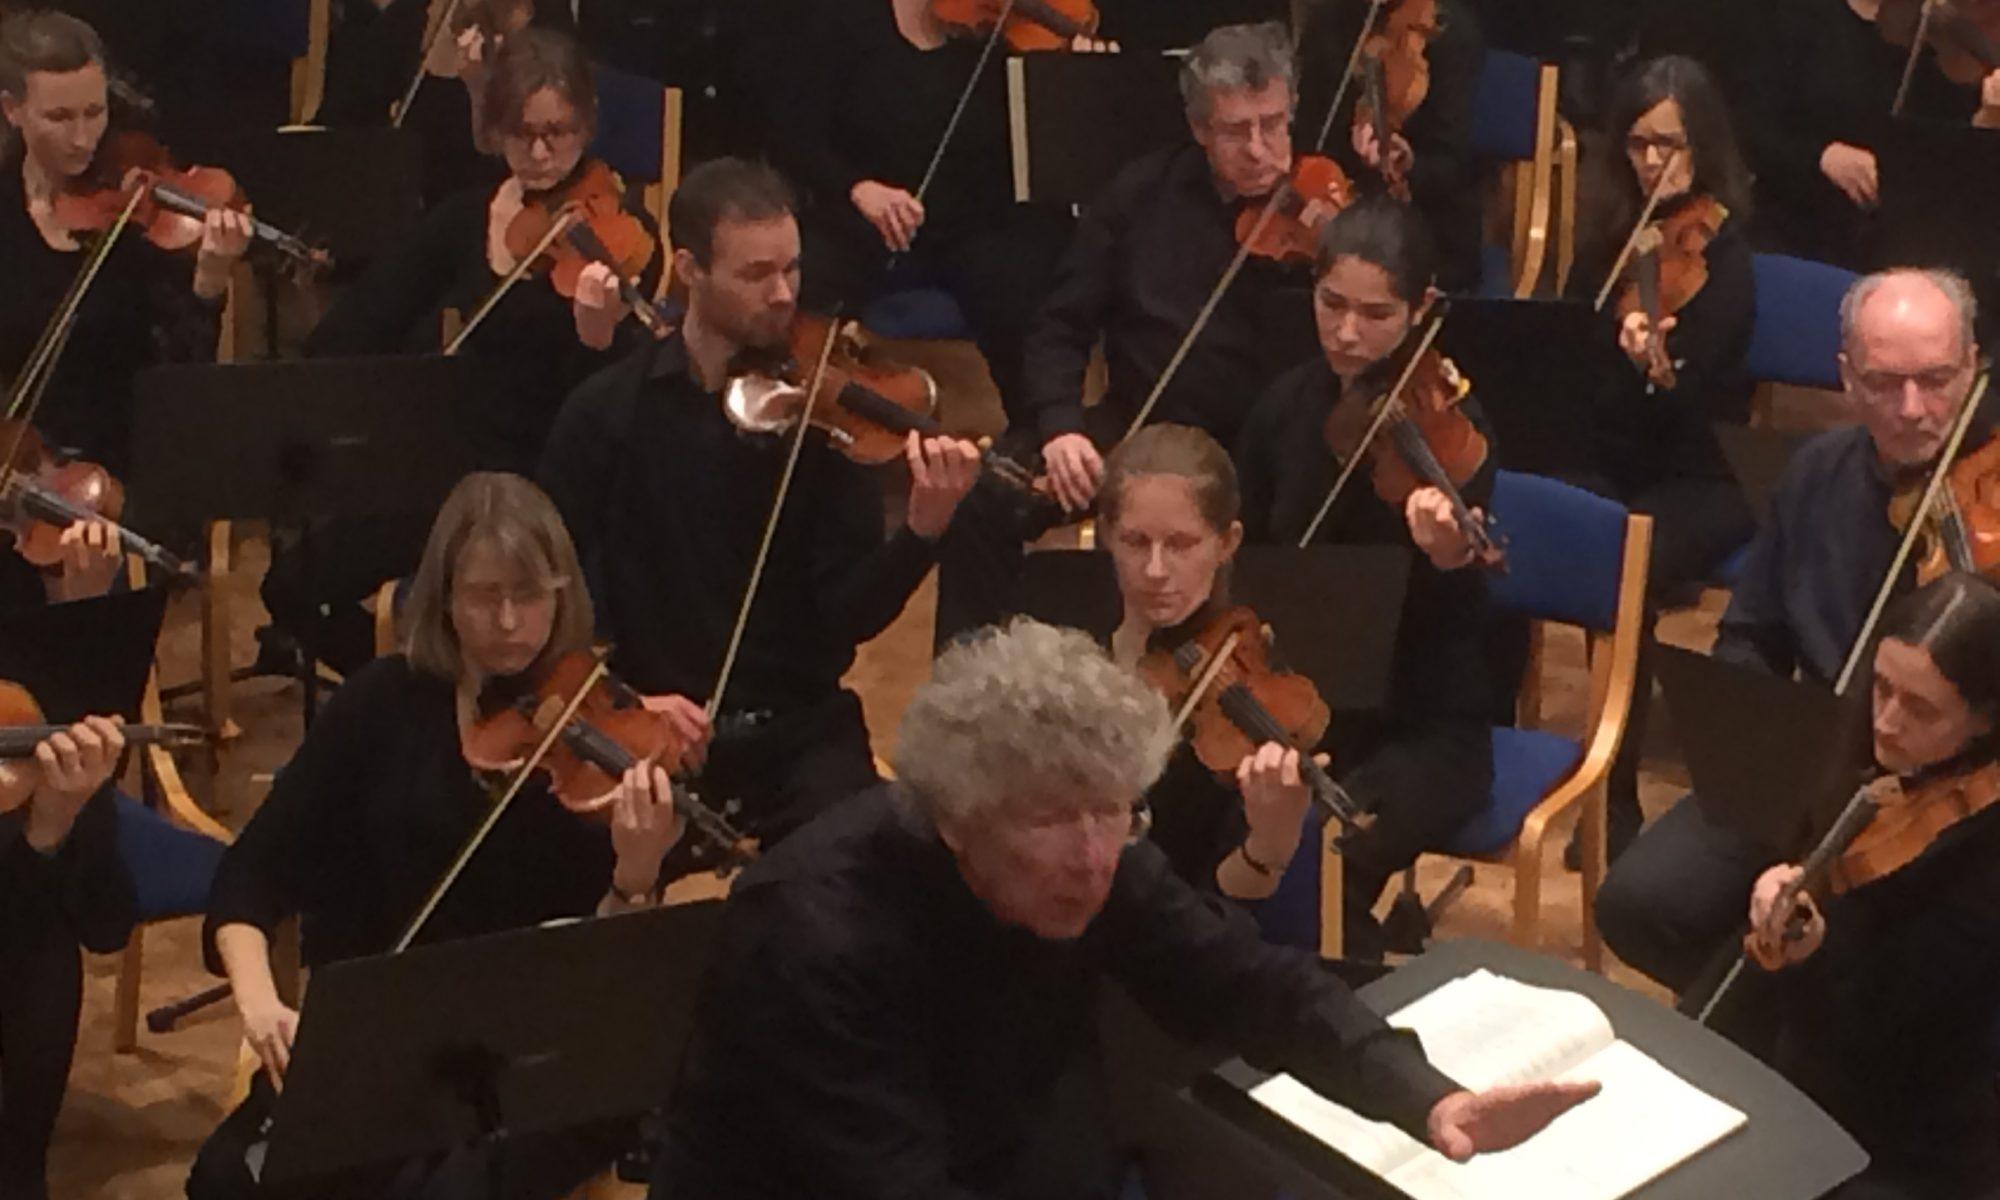 Das fränkische Sinfonieorchester Con Brio unter der Leitung von Gert Feser. | Foto: B. Schneide